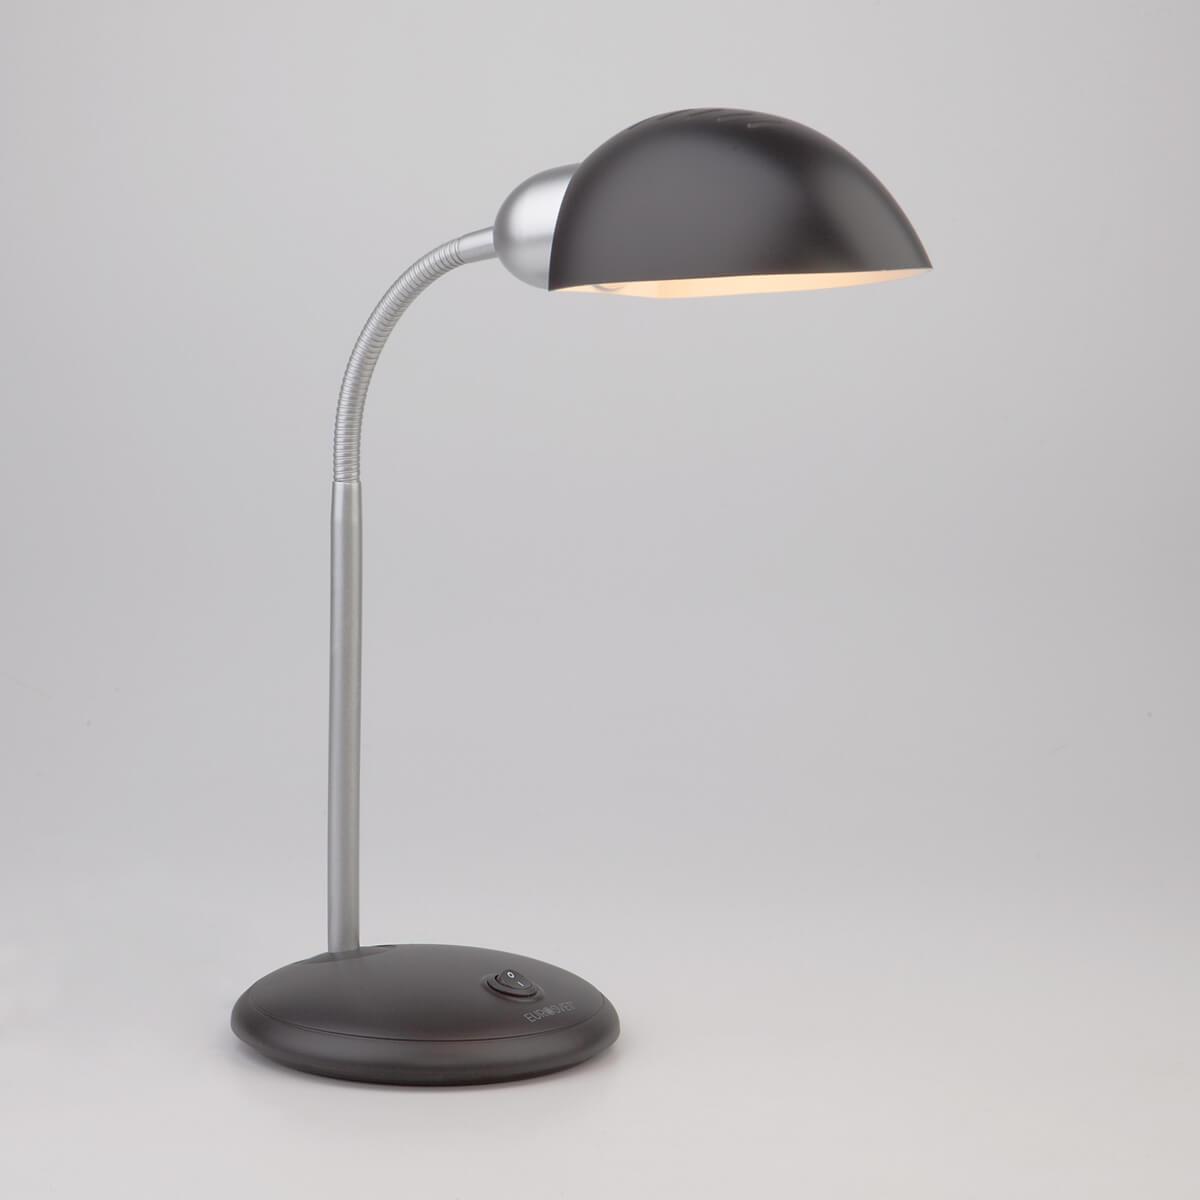 Настольная лампа Eurosvet 1926 черный 1926 настольная лампа eurosvet 1926 серебристый 1926